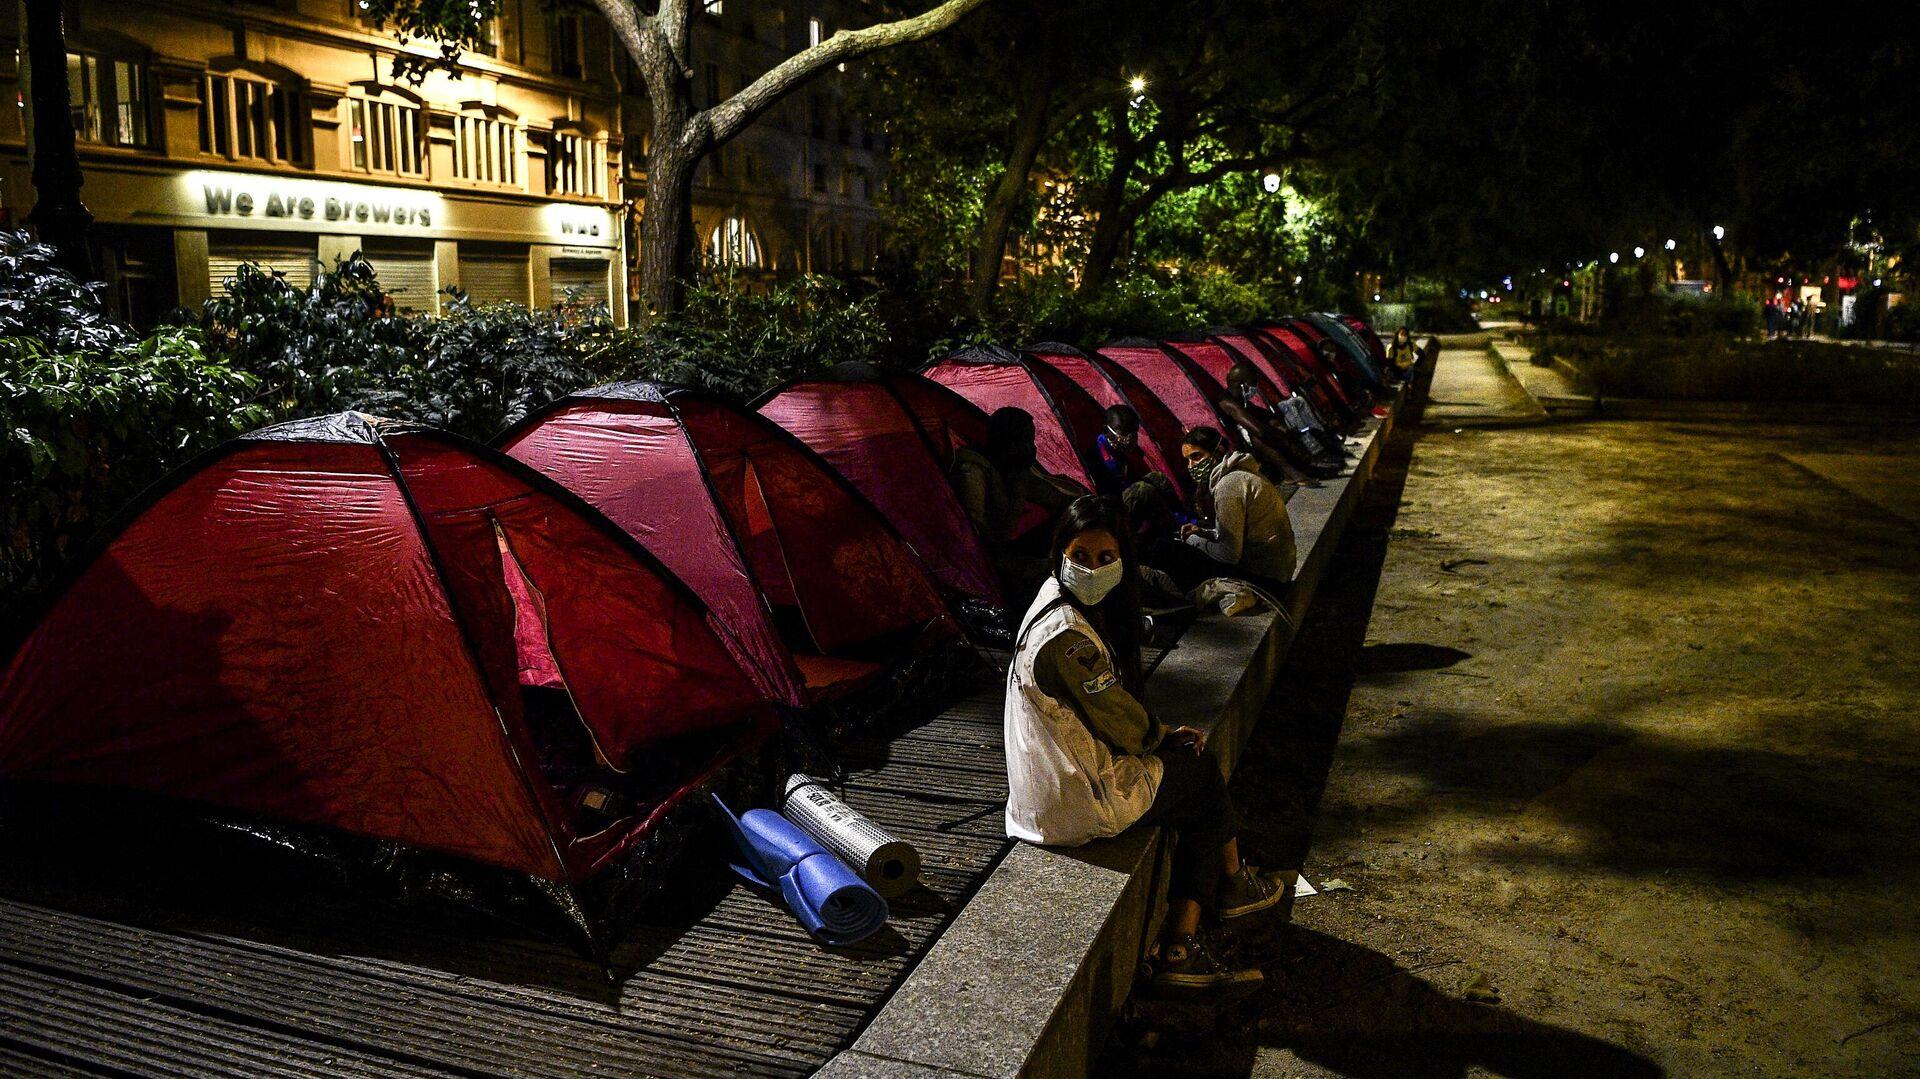 Палатки мигрантов на одной из улиц Парижа - Sputnik Грузия, 1920, 28.09.2021